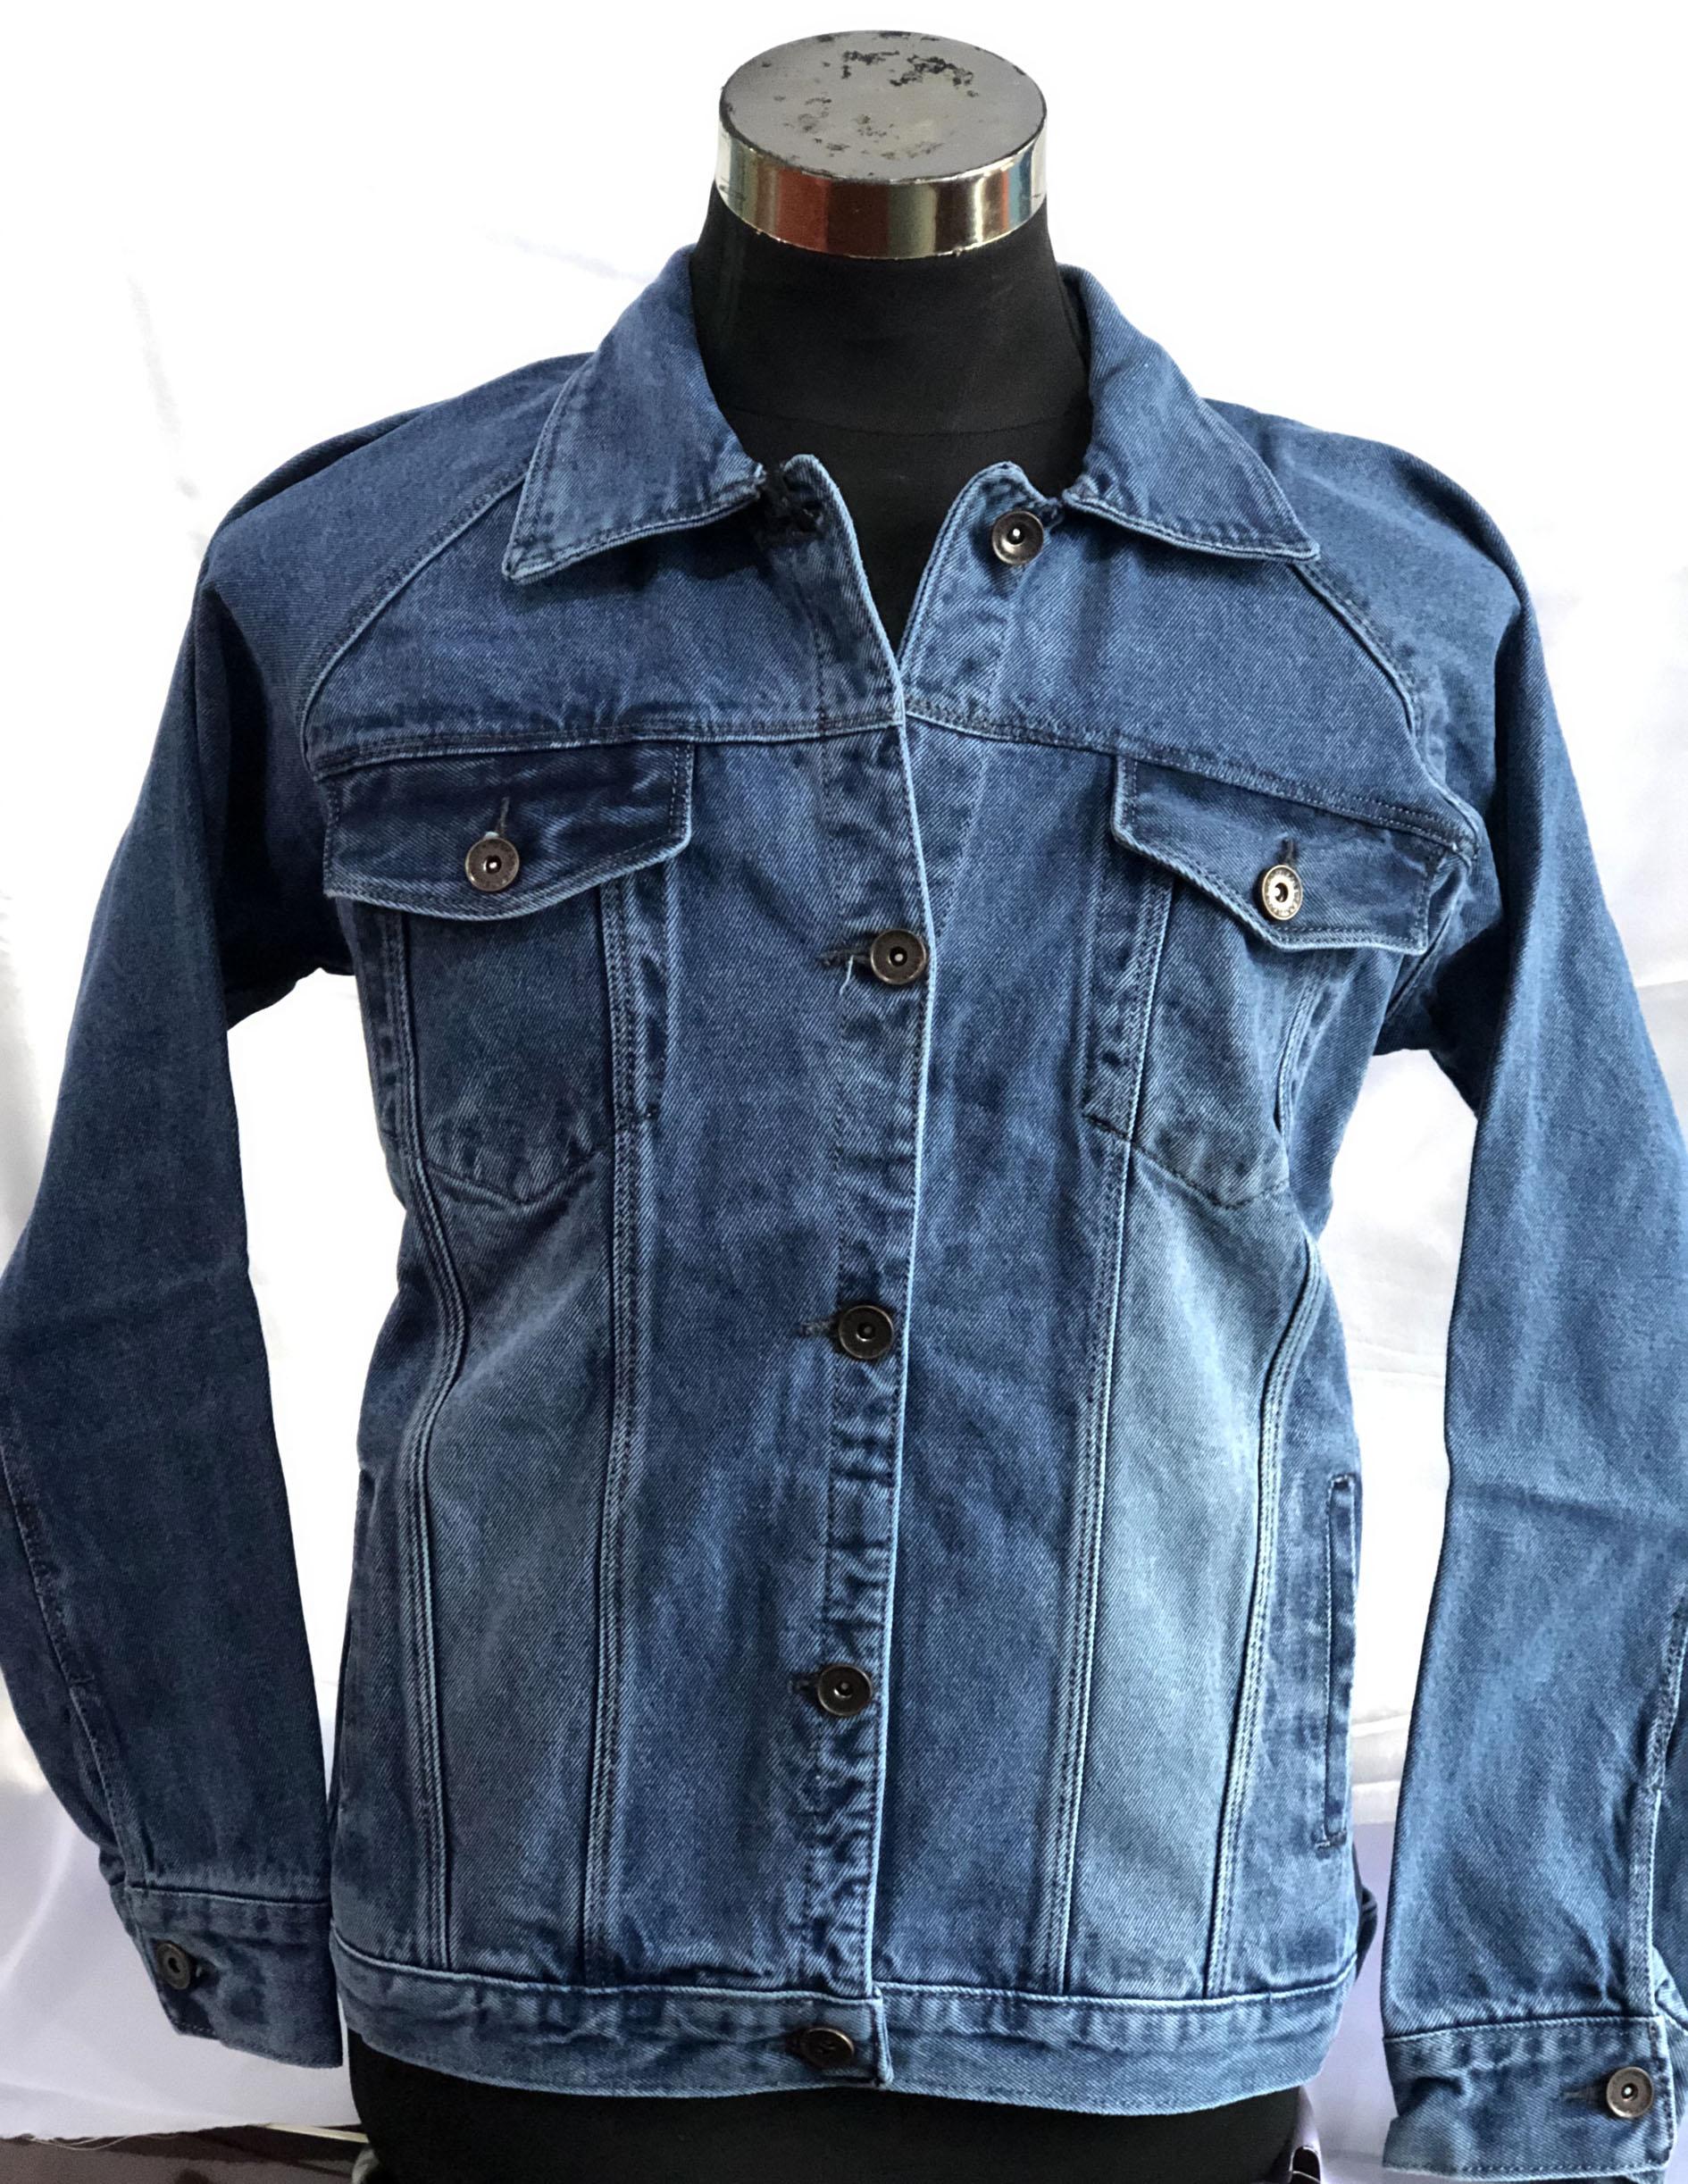 Wrangler Jeans Jacket Light Blue